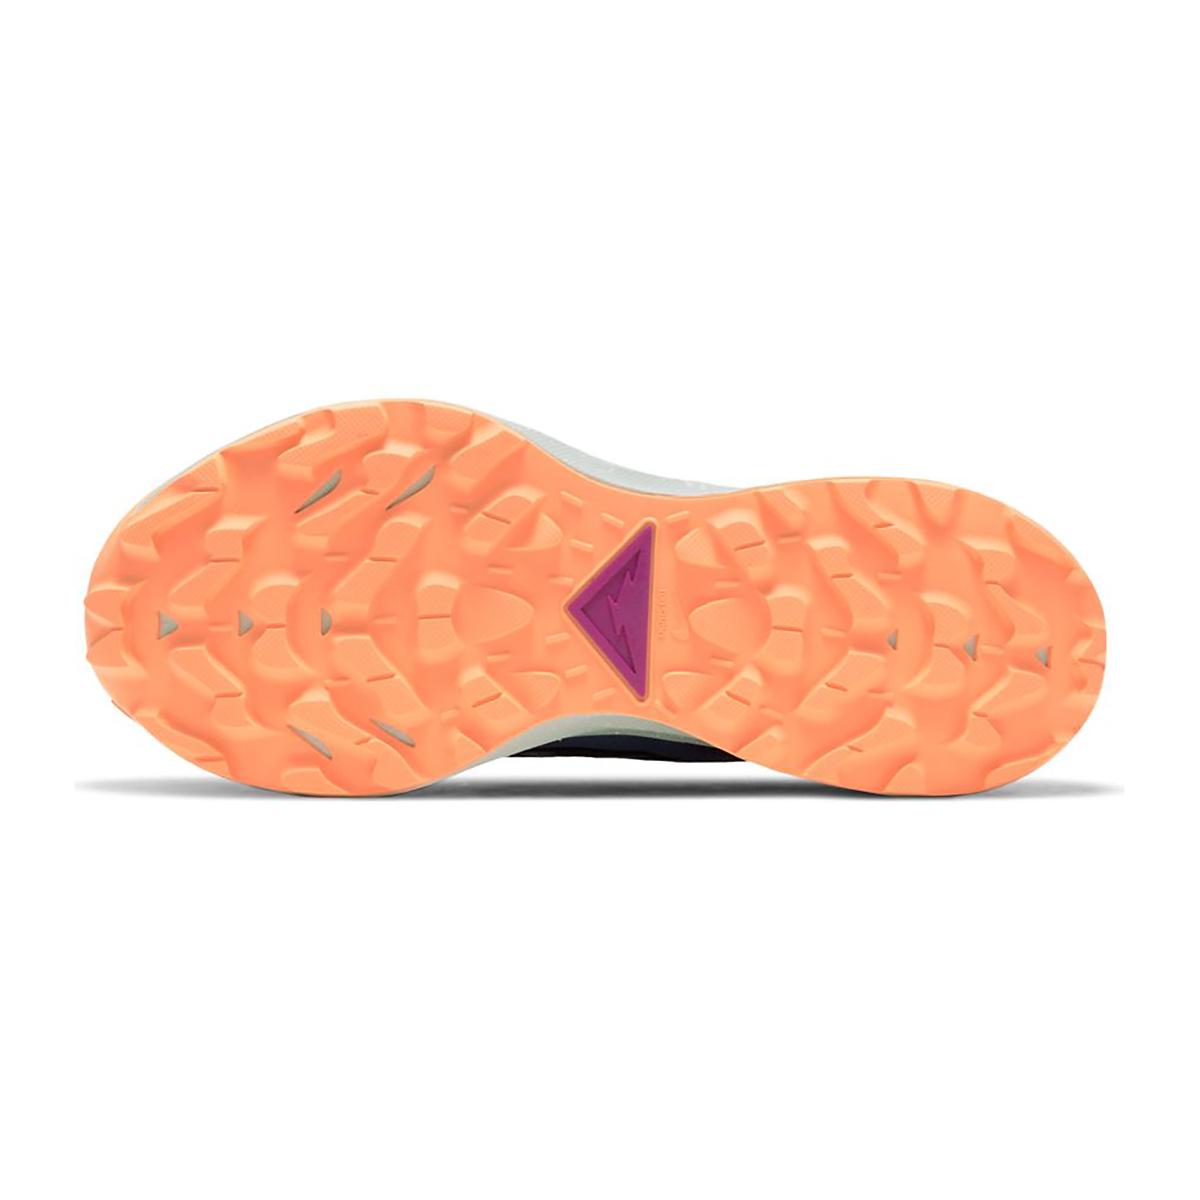 Women's Nike Nike Pegasus Trail 2 Trail Running Shoe - Color: Thunder Blue/Photon Dust/Ashen Slate - Size: 5 - Width: Regular, Thunder Blue/Photon Dust/Ashen Slate, large, image 3